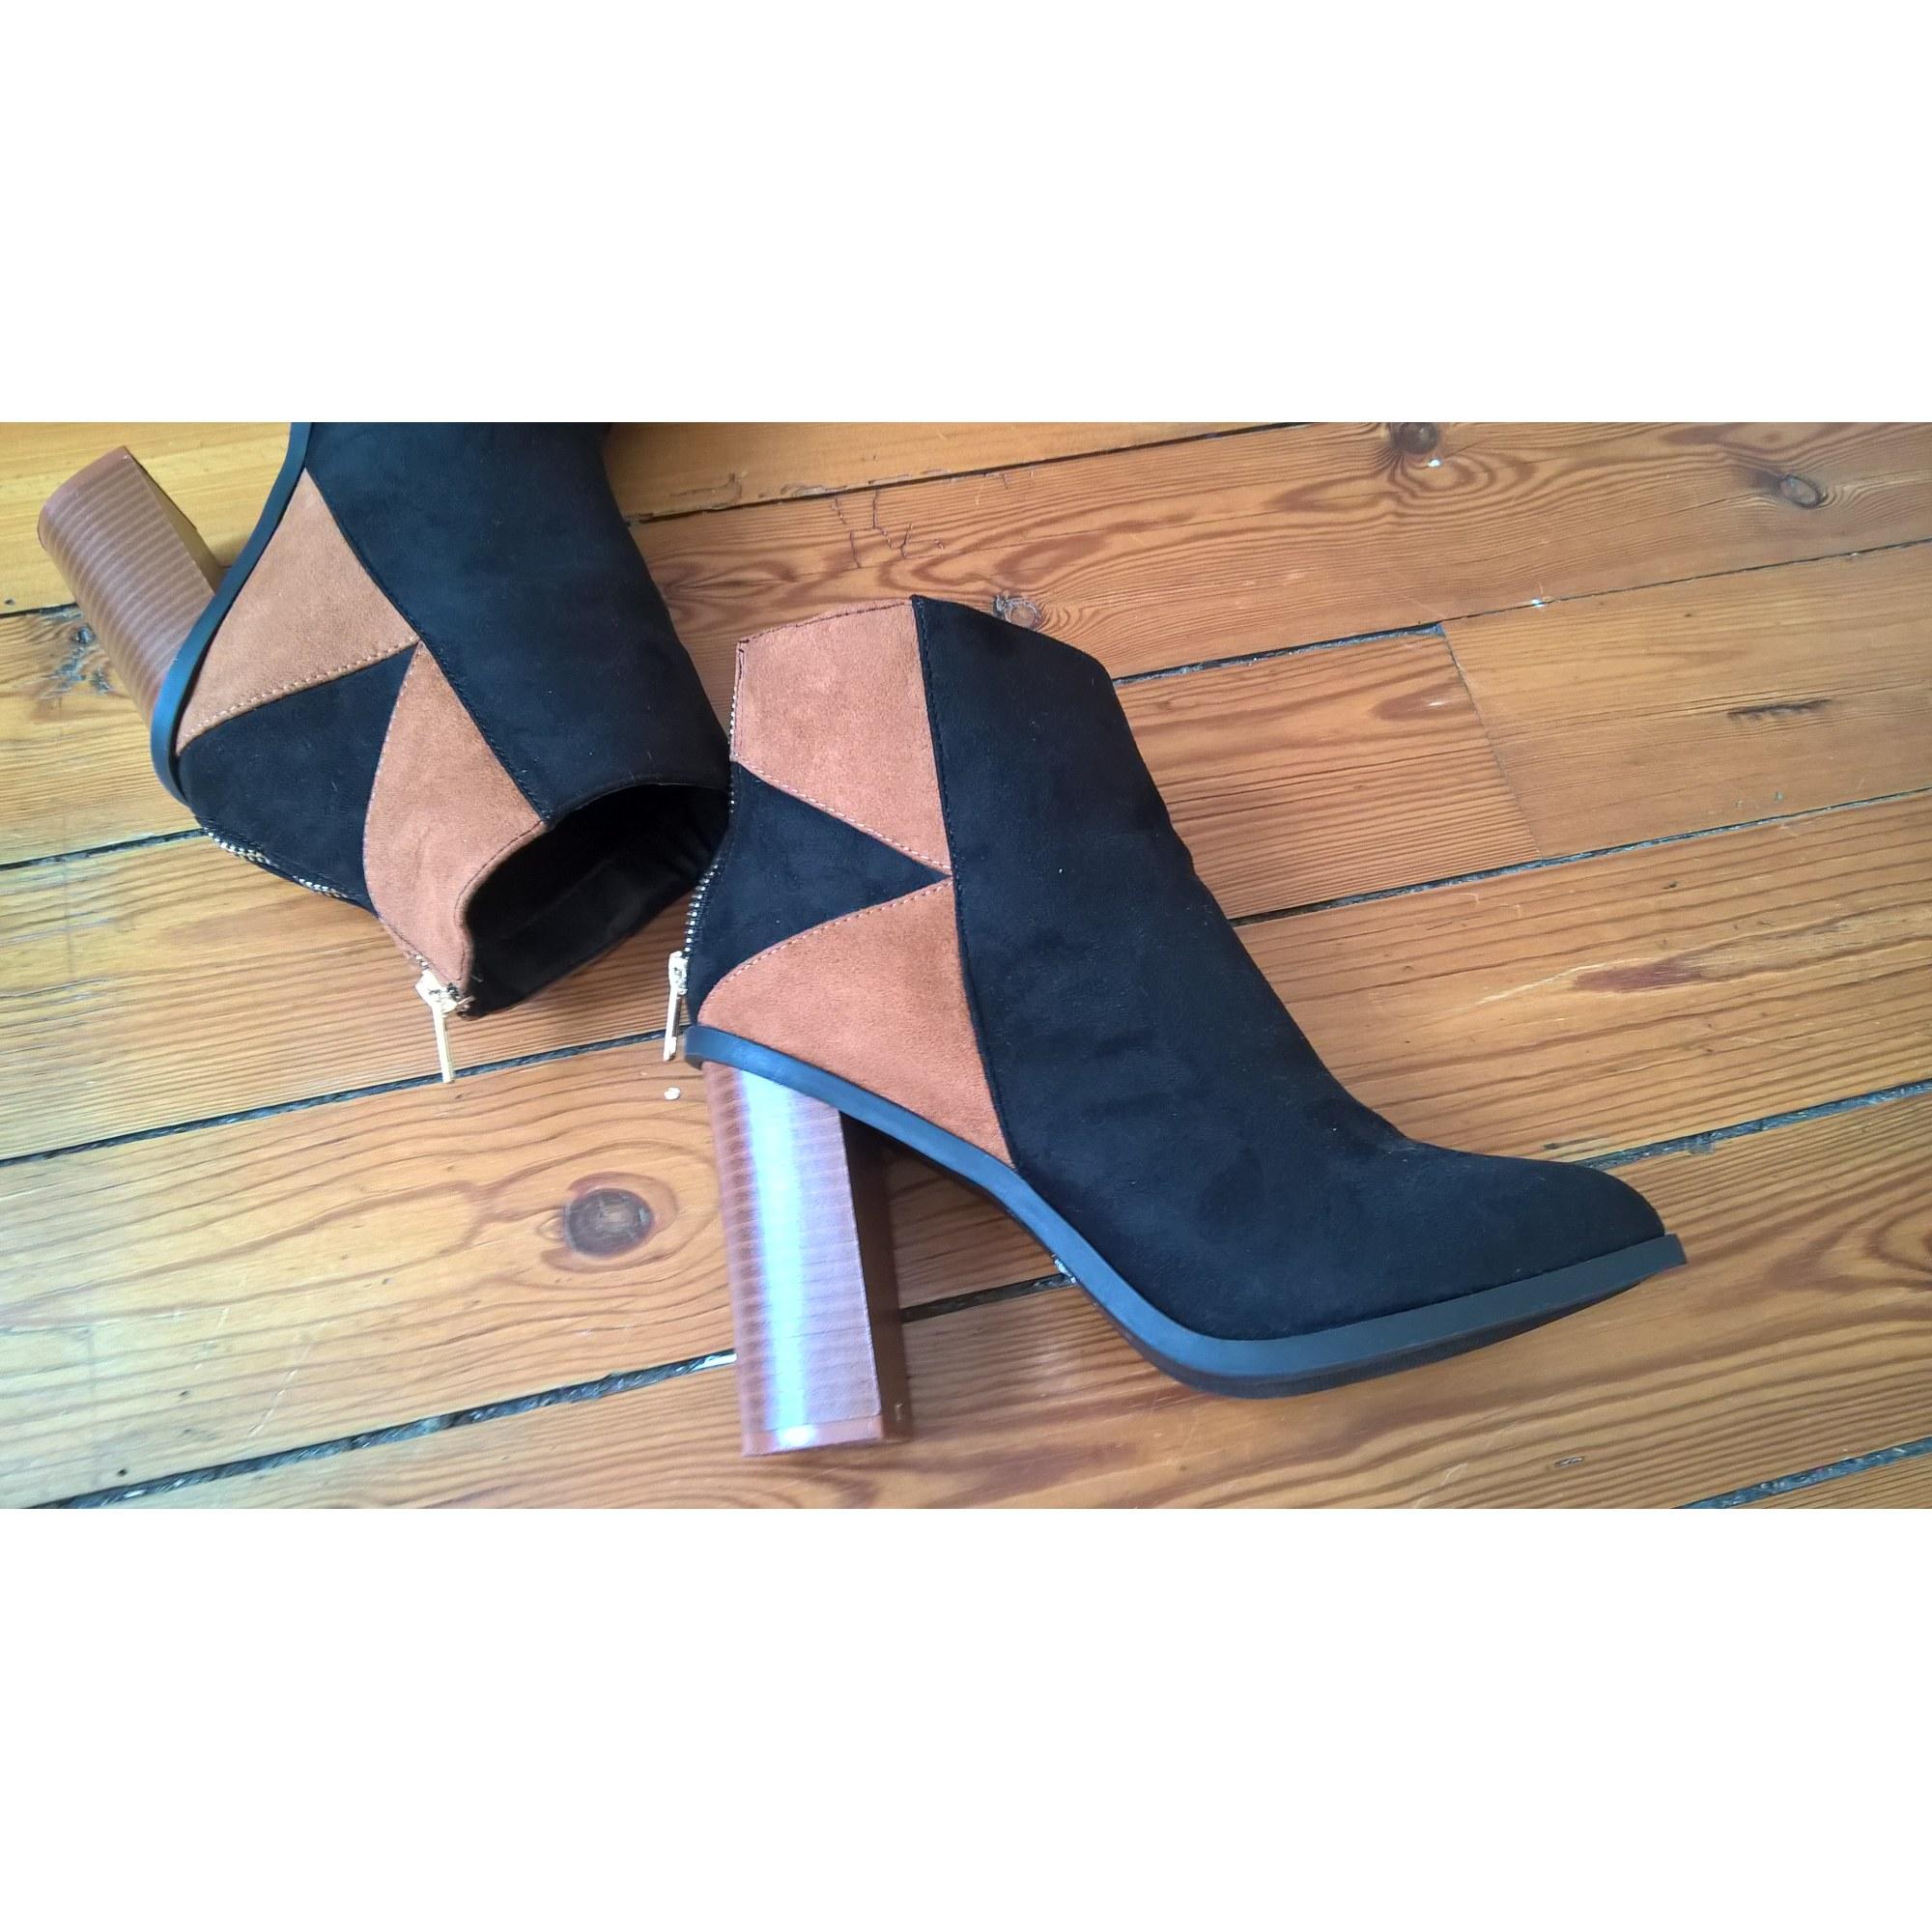 Bottines Low Boots A Talons Kiabi 39 Noir Vendu Par Slow 6727331